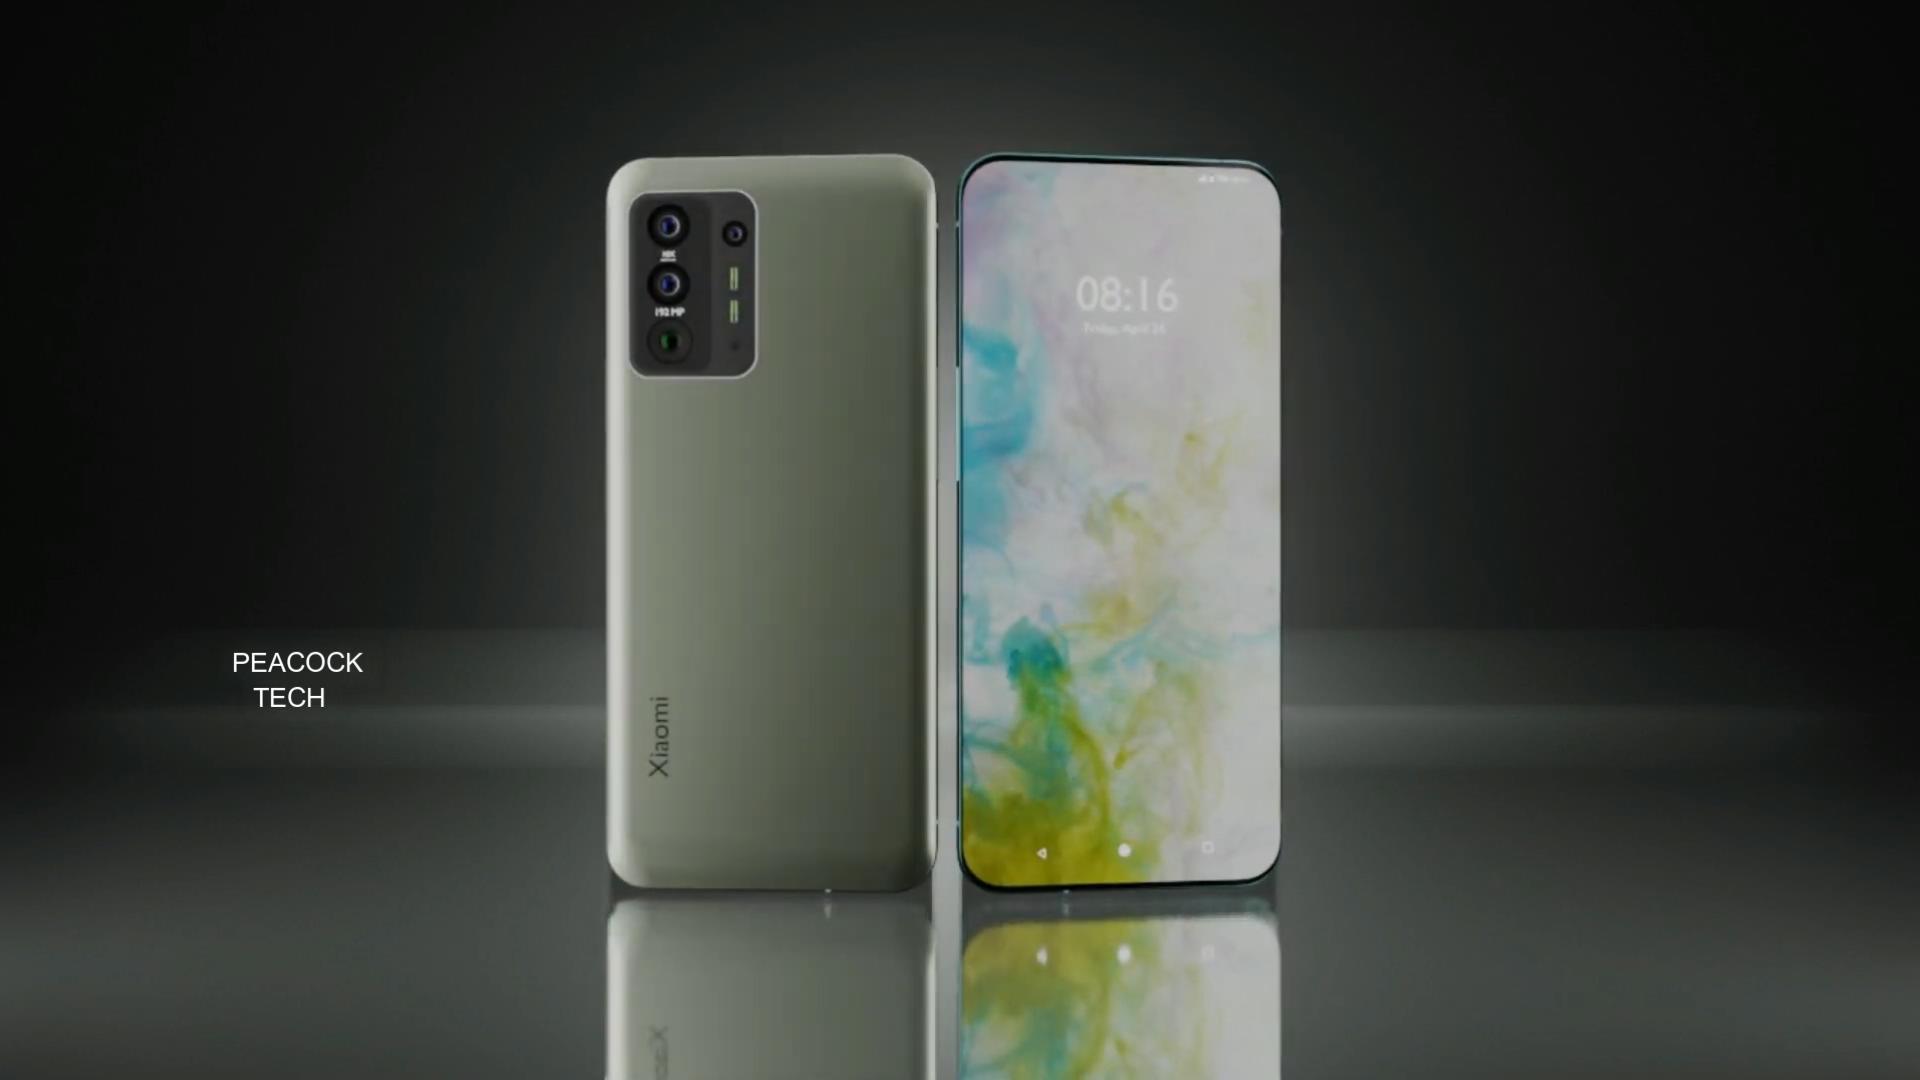 疑似小米MIX系列手机上半年搭载,雷军曾致敬这个系列 数码科技 第2张